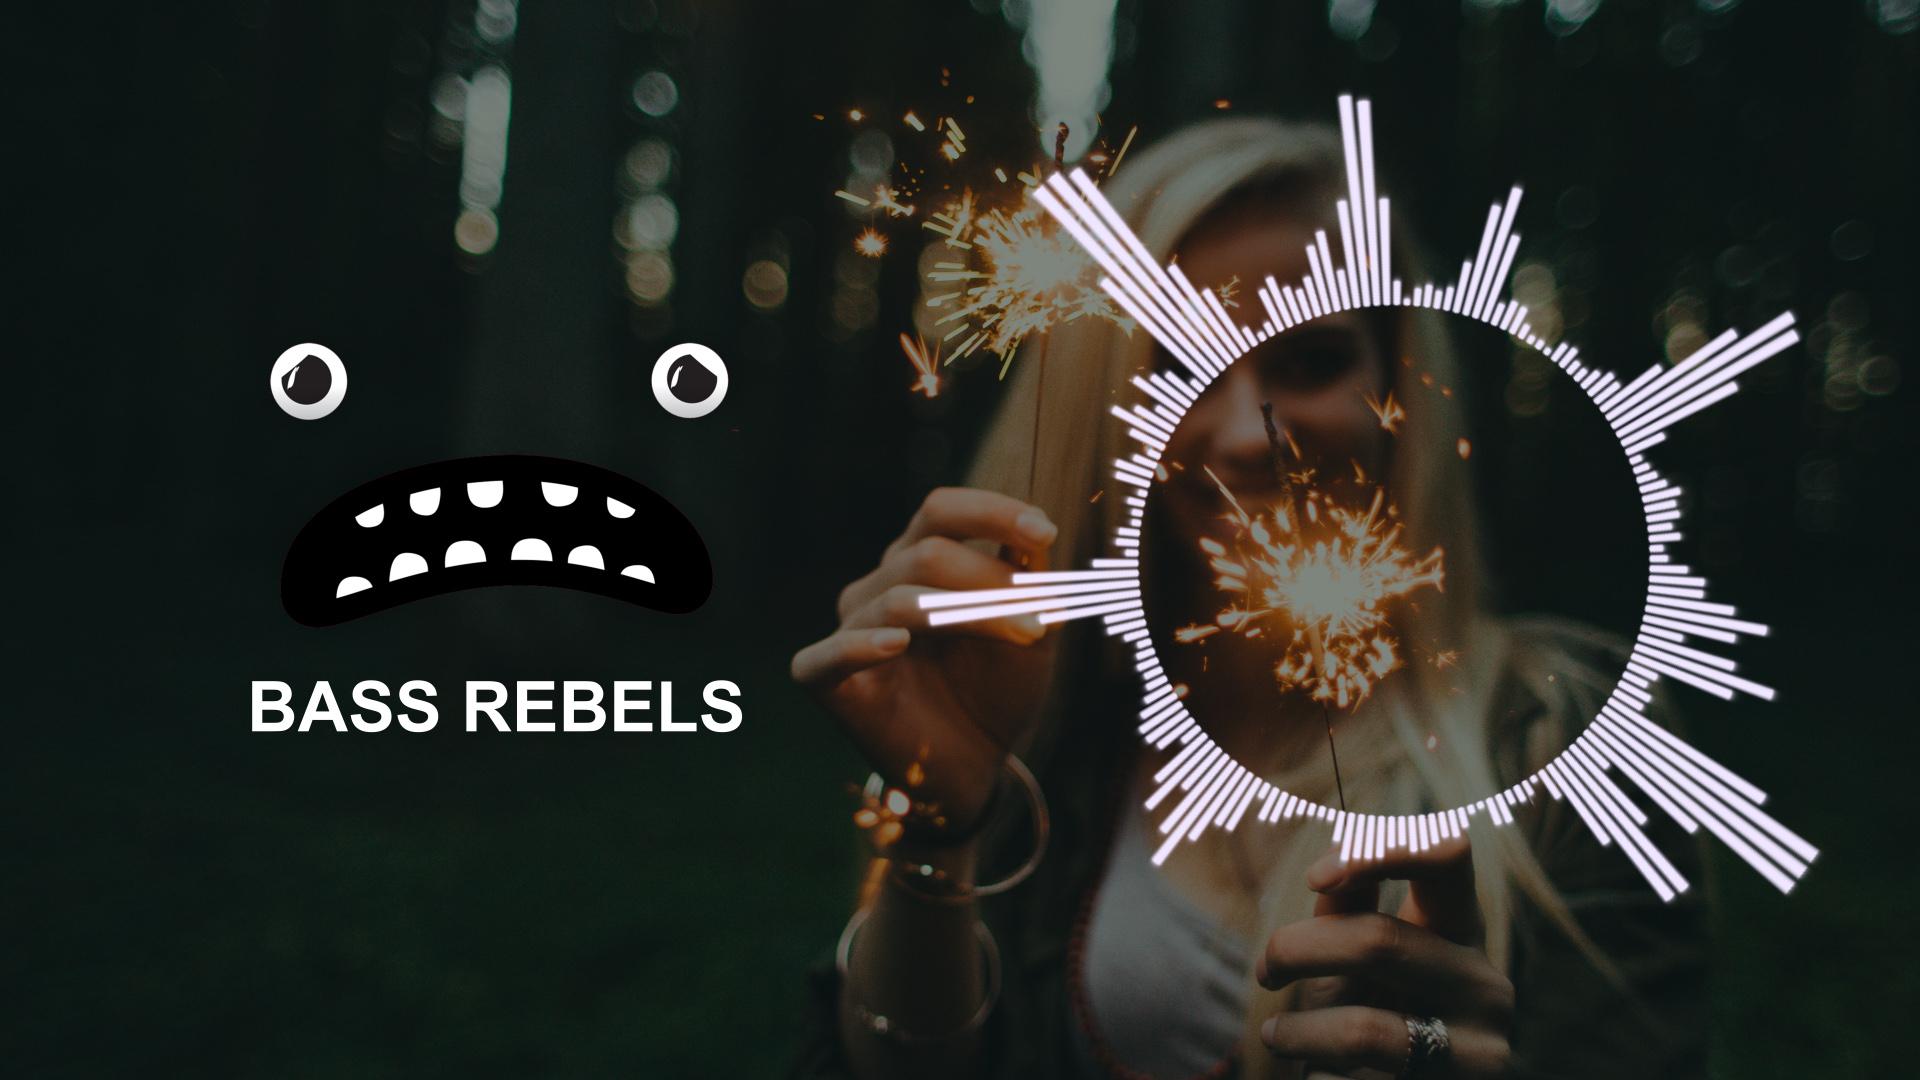 Vlog Music Copyright Free